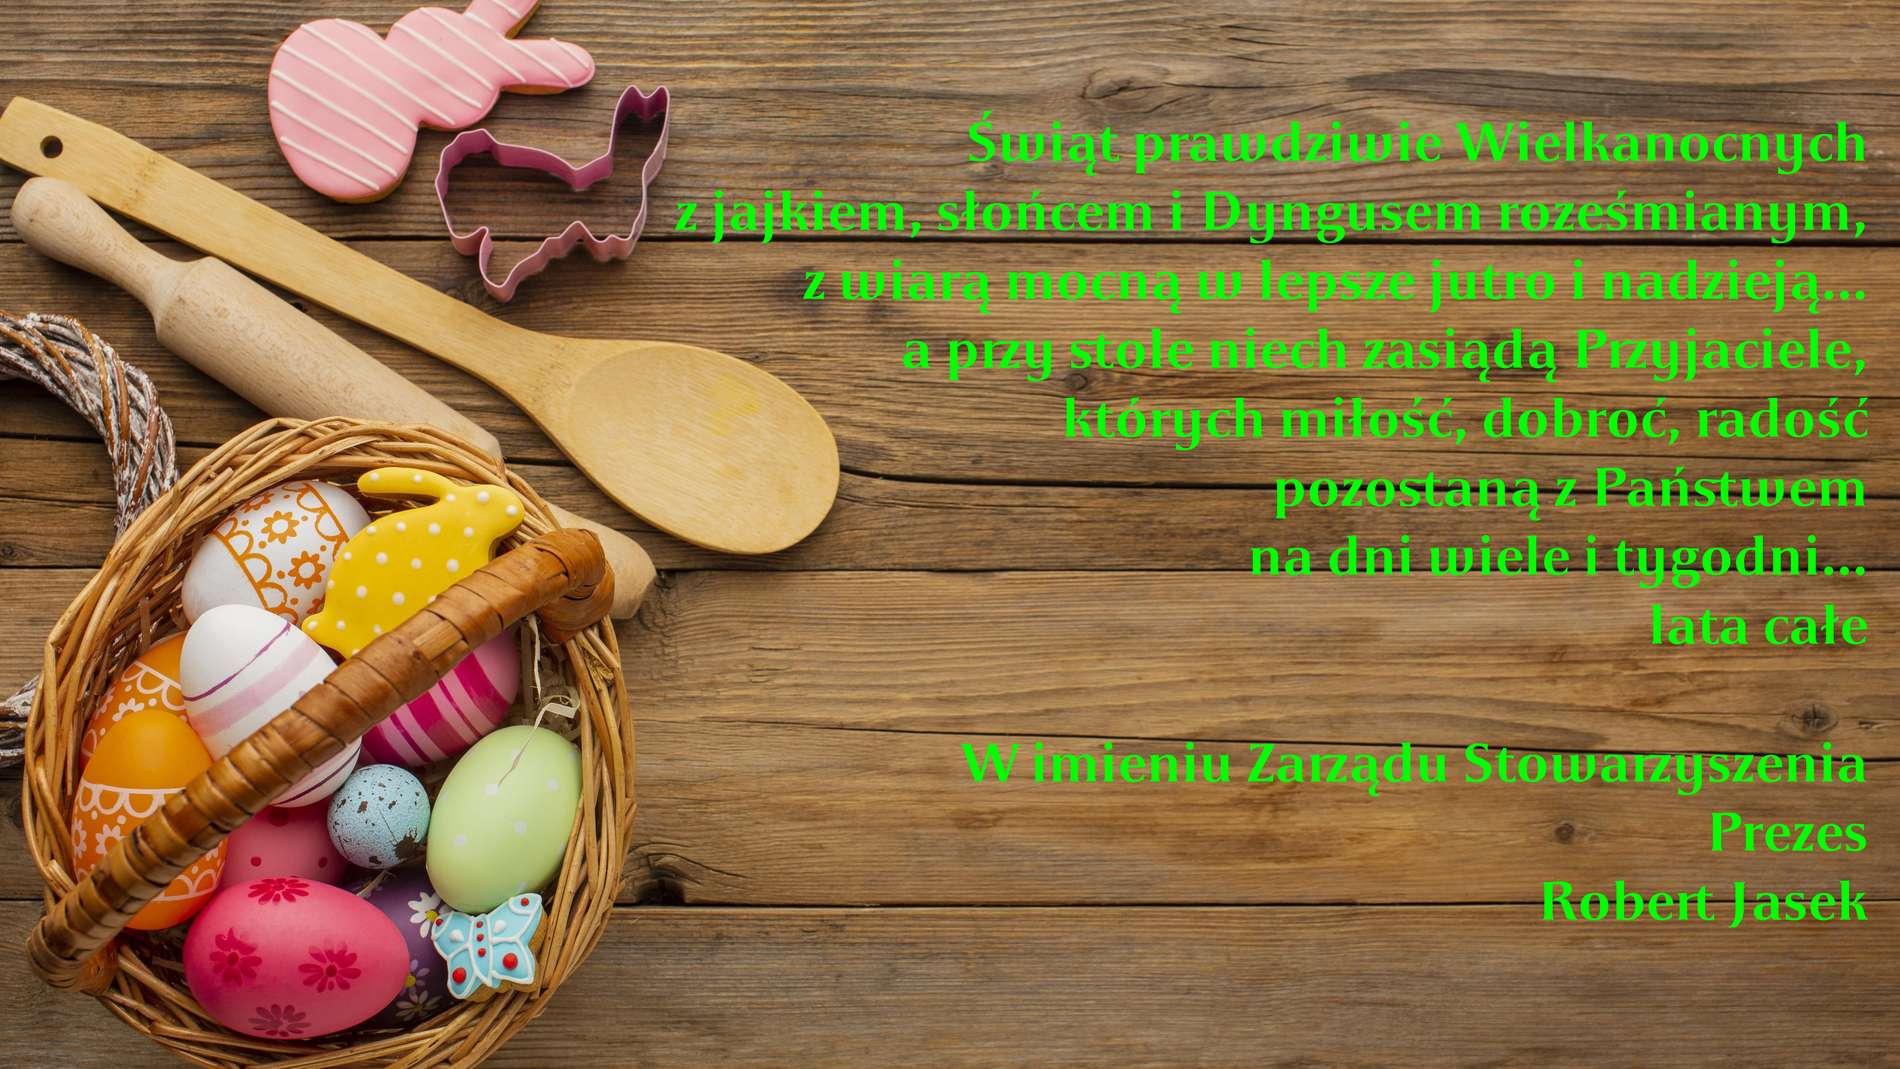 <a href='https://pl.freepik.com/zdjecia/uroczystosc'>Uroczystość zdjęcie utworzone przez freepik - pl.freepik.com</a>